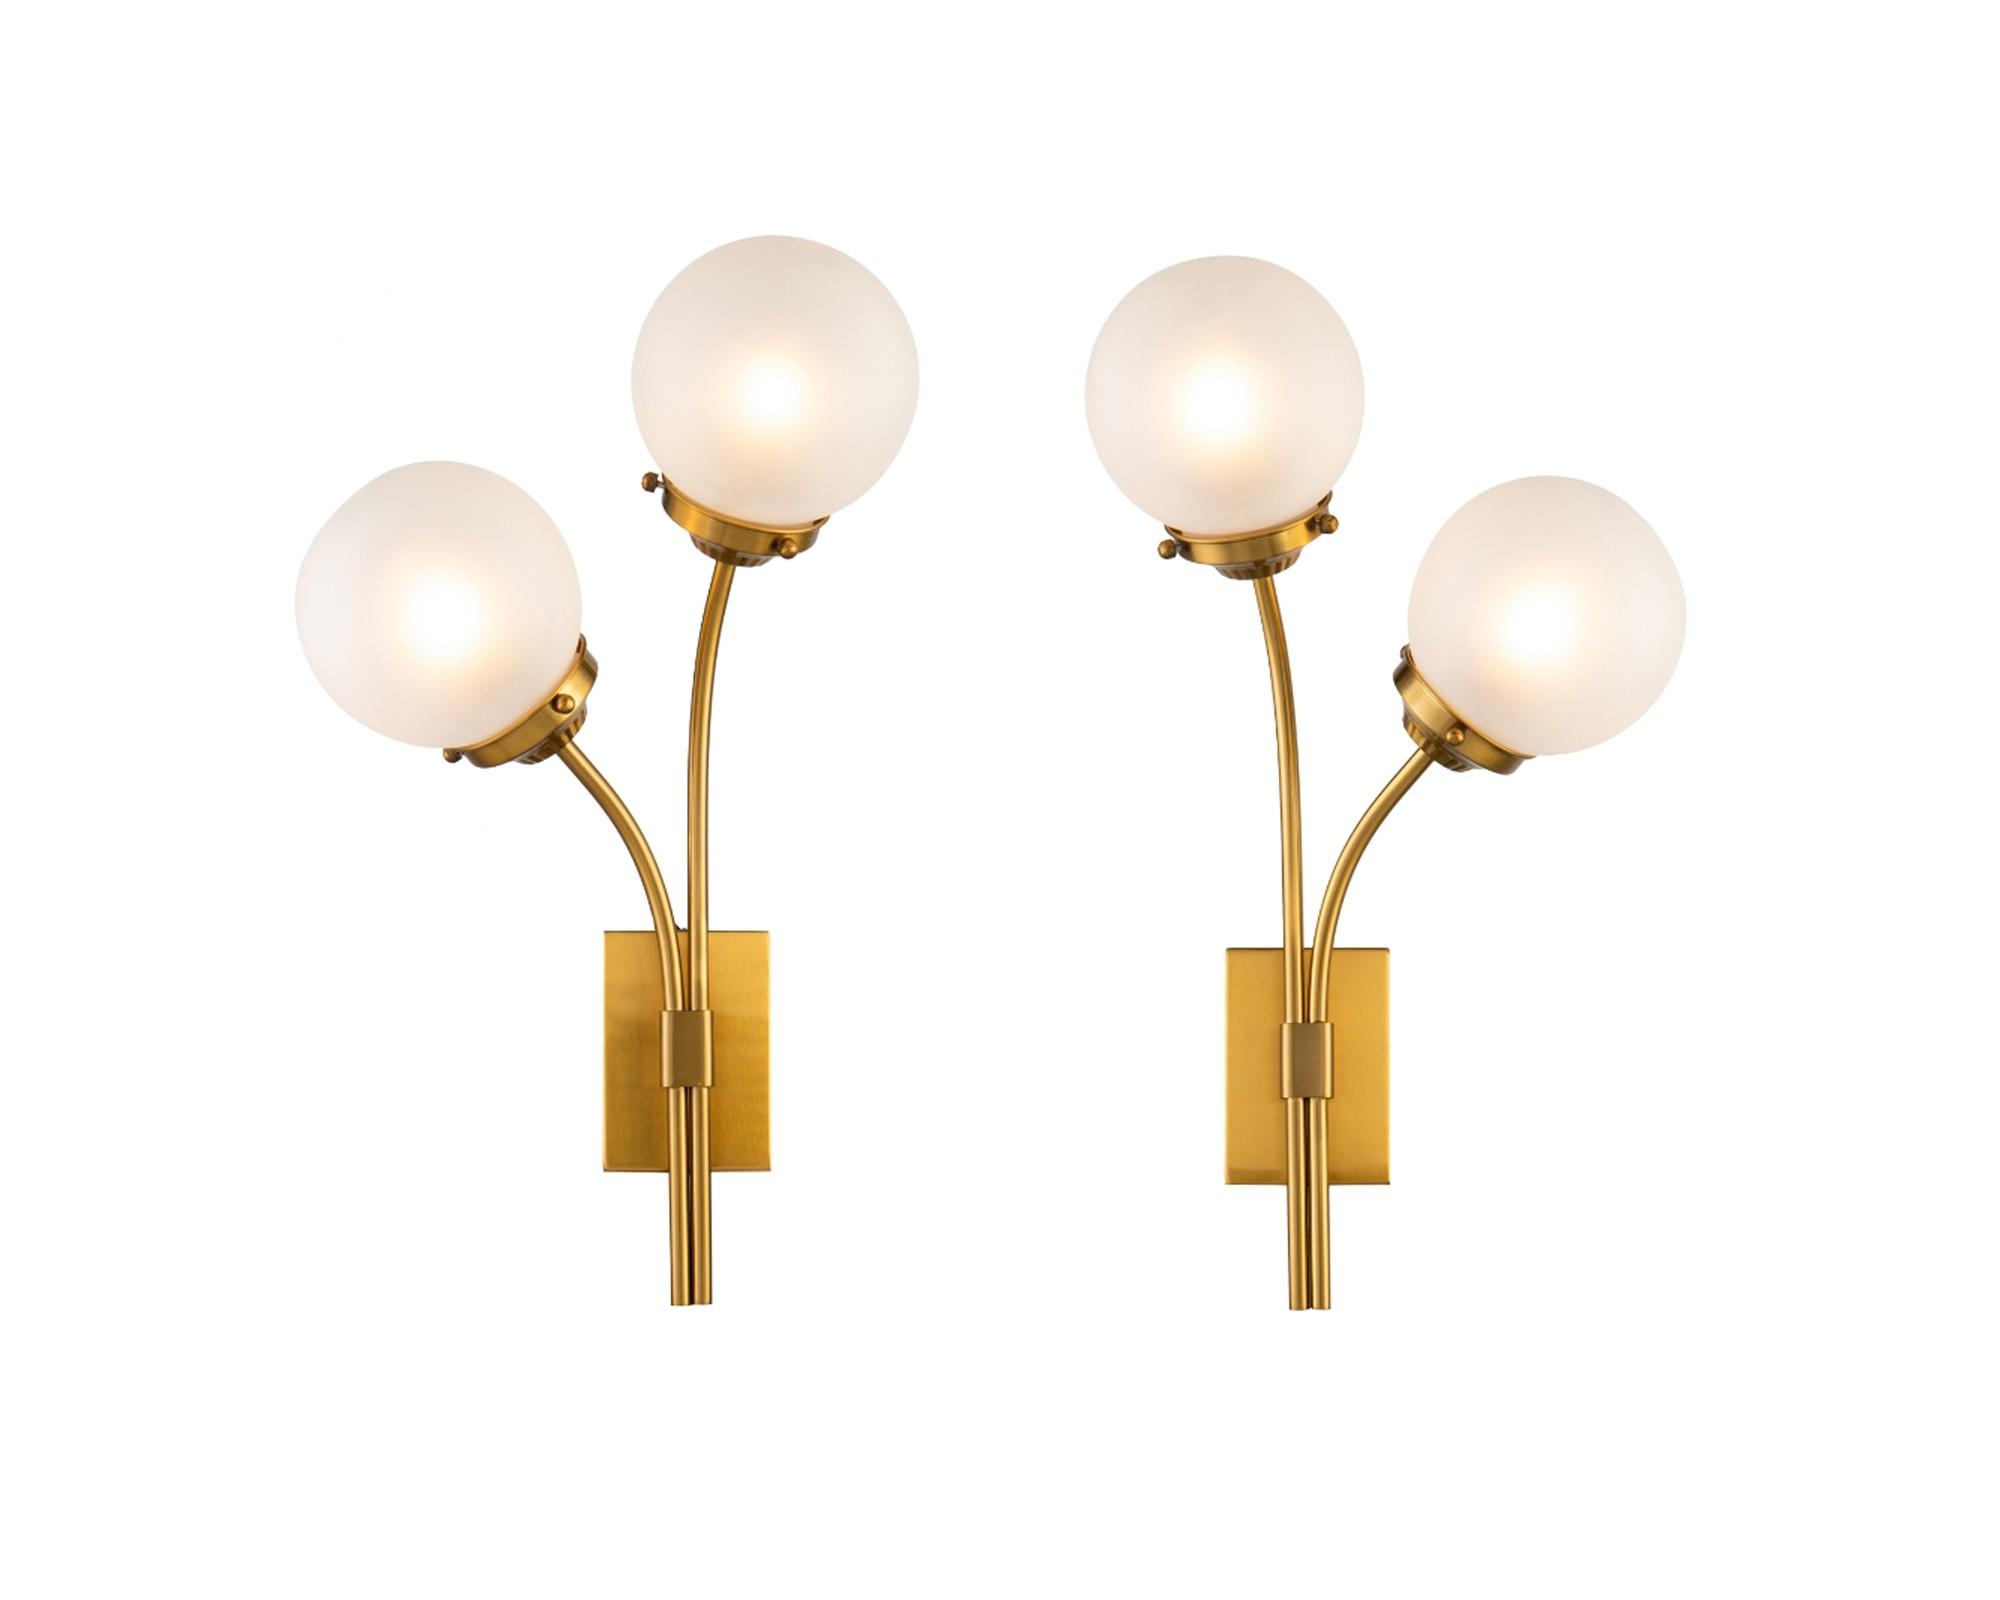 Opal Brass & White Glass Wall Lamp - Set of 2